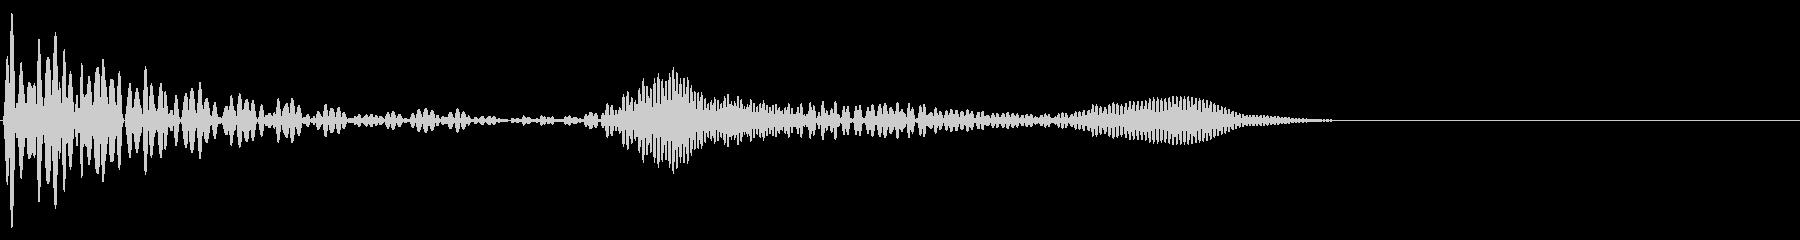 ポワッとした柔らかいボタン音の未再生の波形